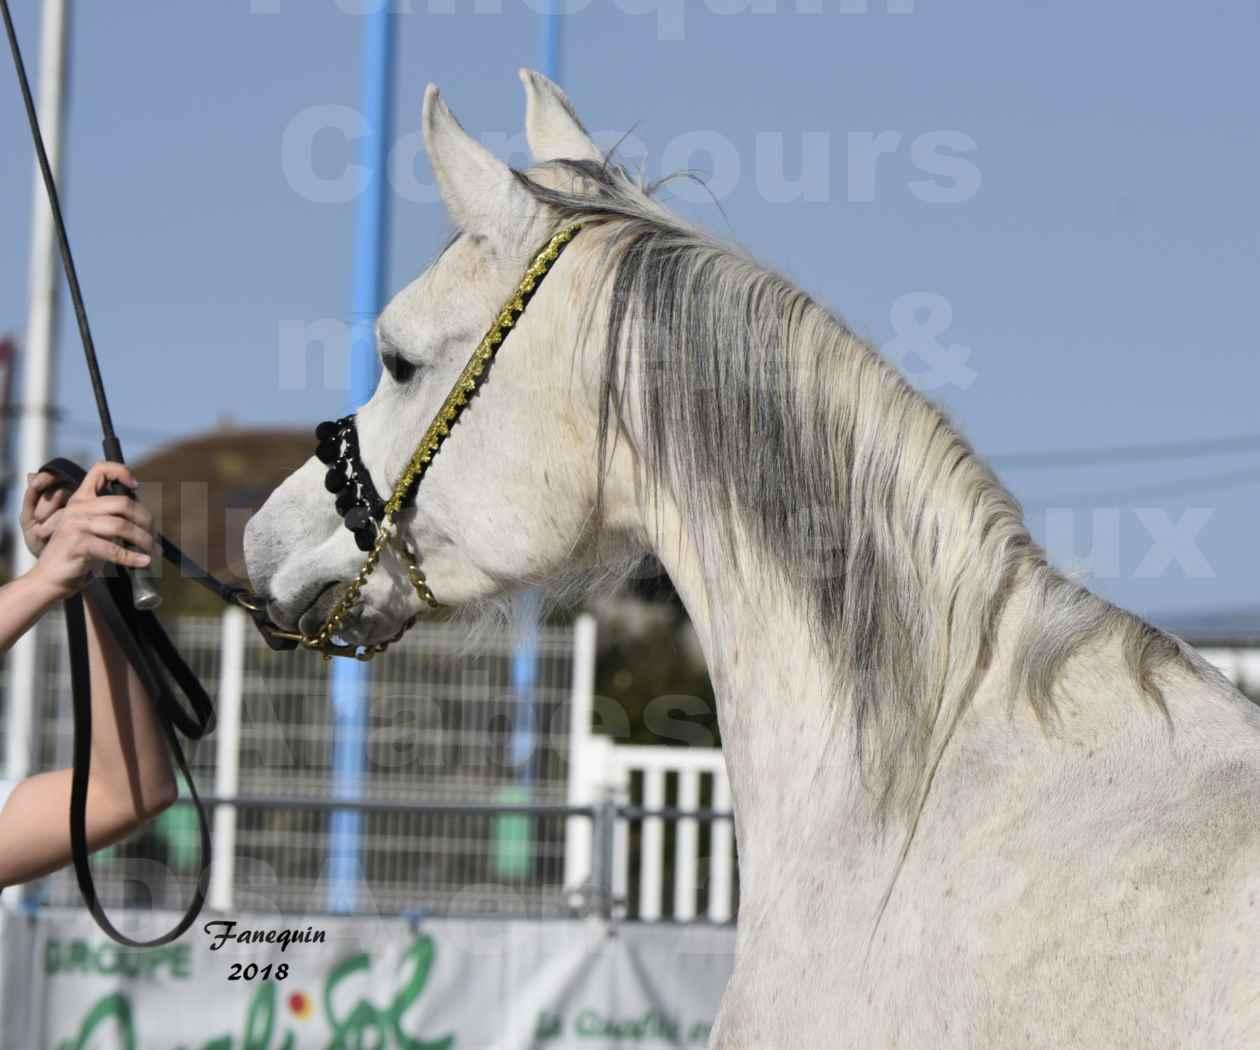 Concours d'élevage de Chevaux Arabes - Demi Sang Arabes - Anglo Arabes - ALBI les 6 & 7 Avril 2018 - NAÏM DE L'OLIVIER - Notre Sélection - Portraits - 3